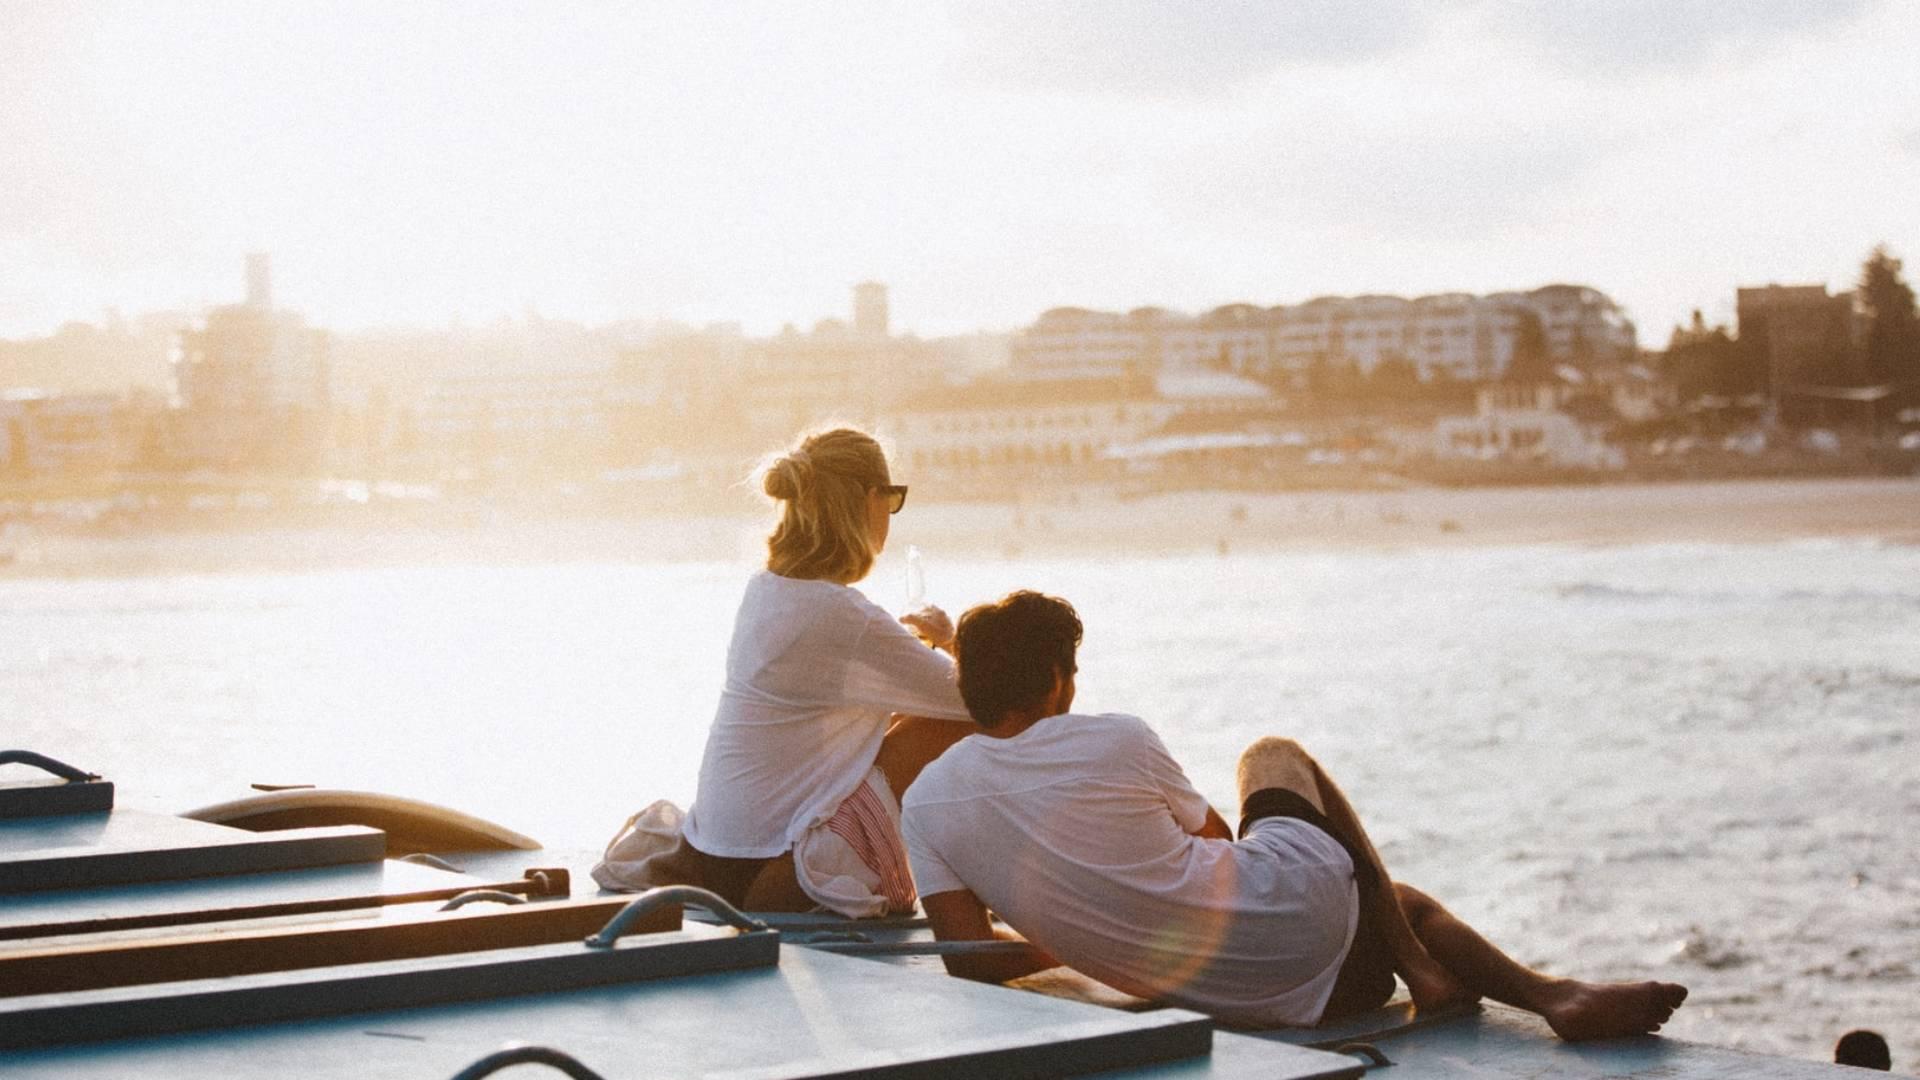 szerelmespár vízparton